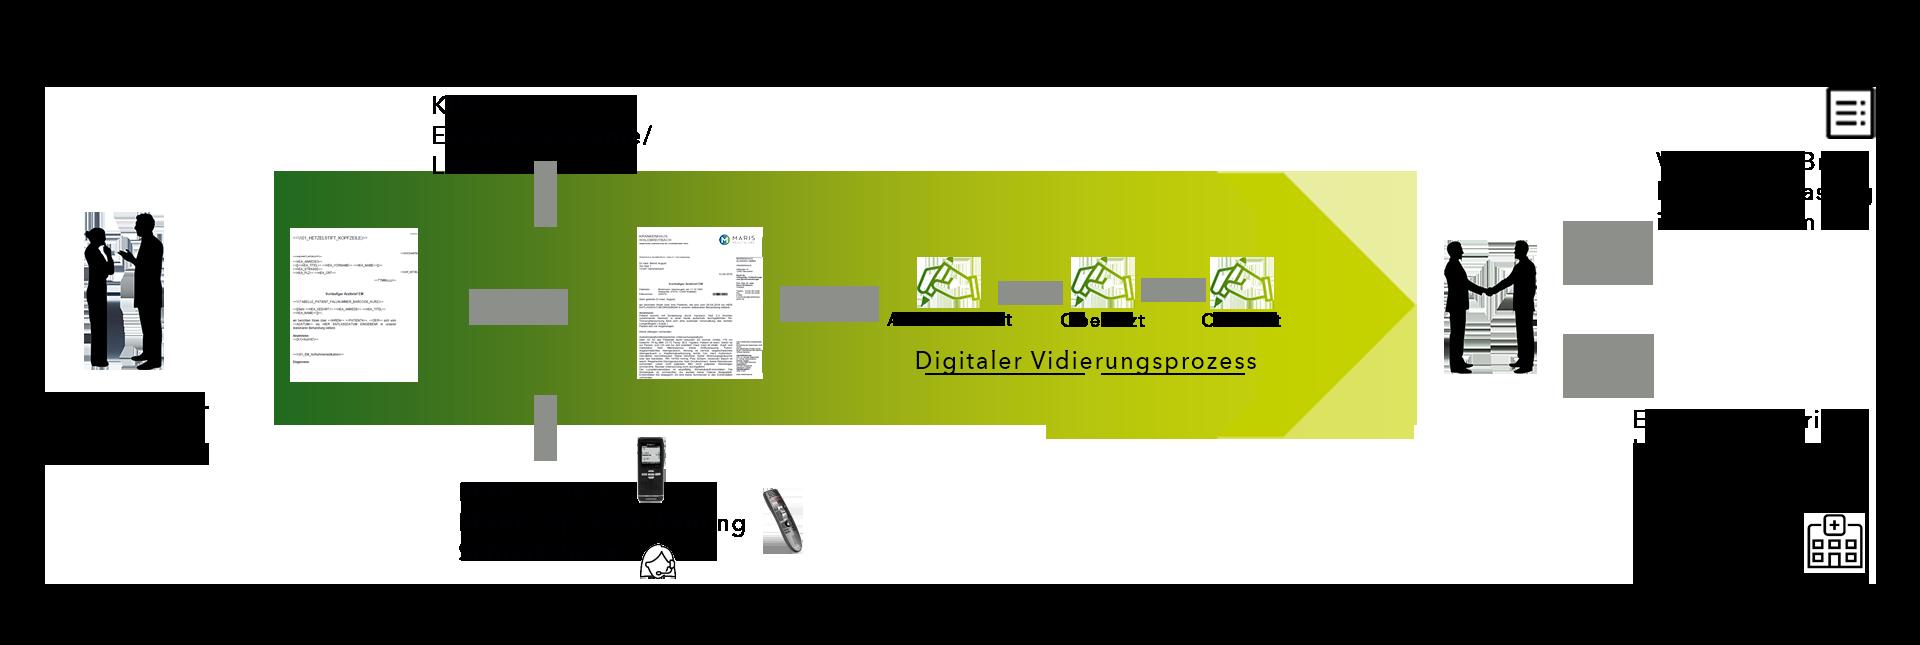 Ablauf Dokumentationsprozess von der Aufnahme über Brieferstellung und digitalen Vidierungsprozess bis hin zur Entlassung mit Entlassbrief